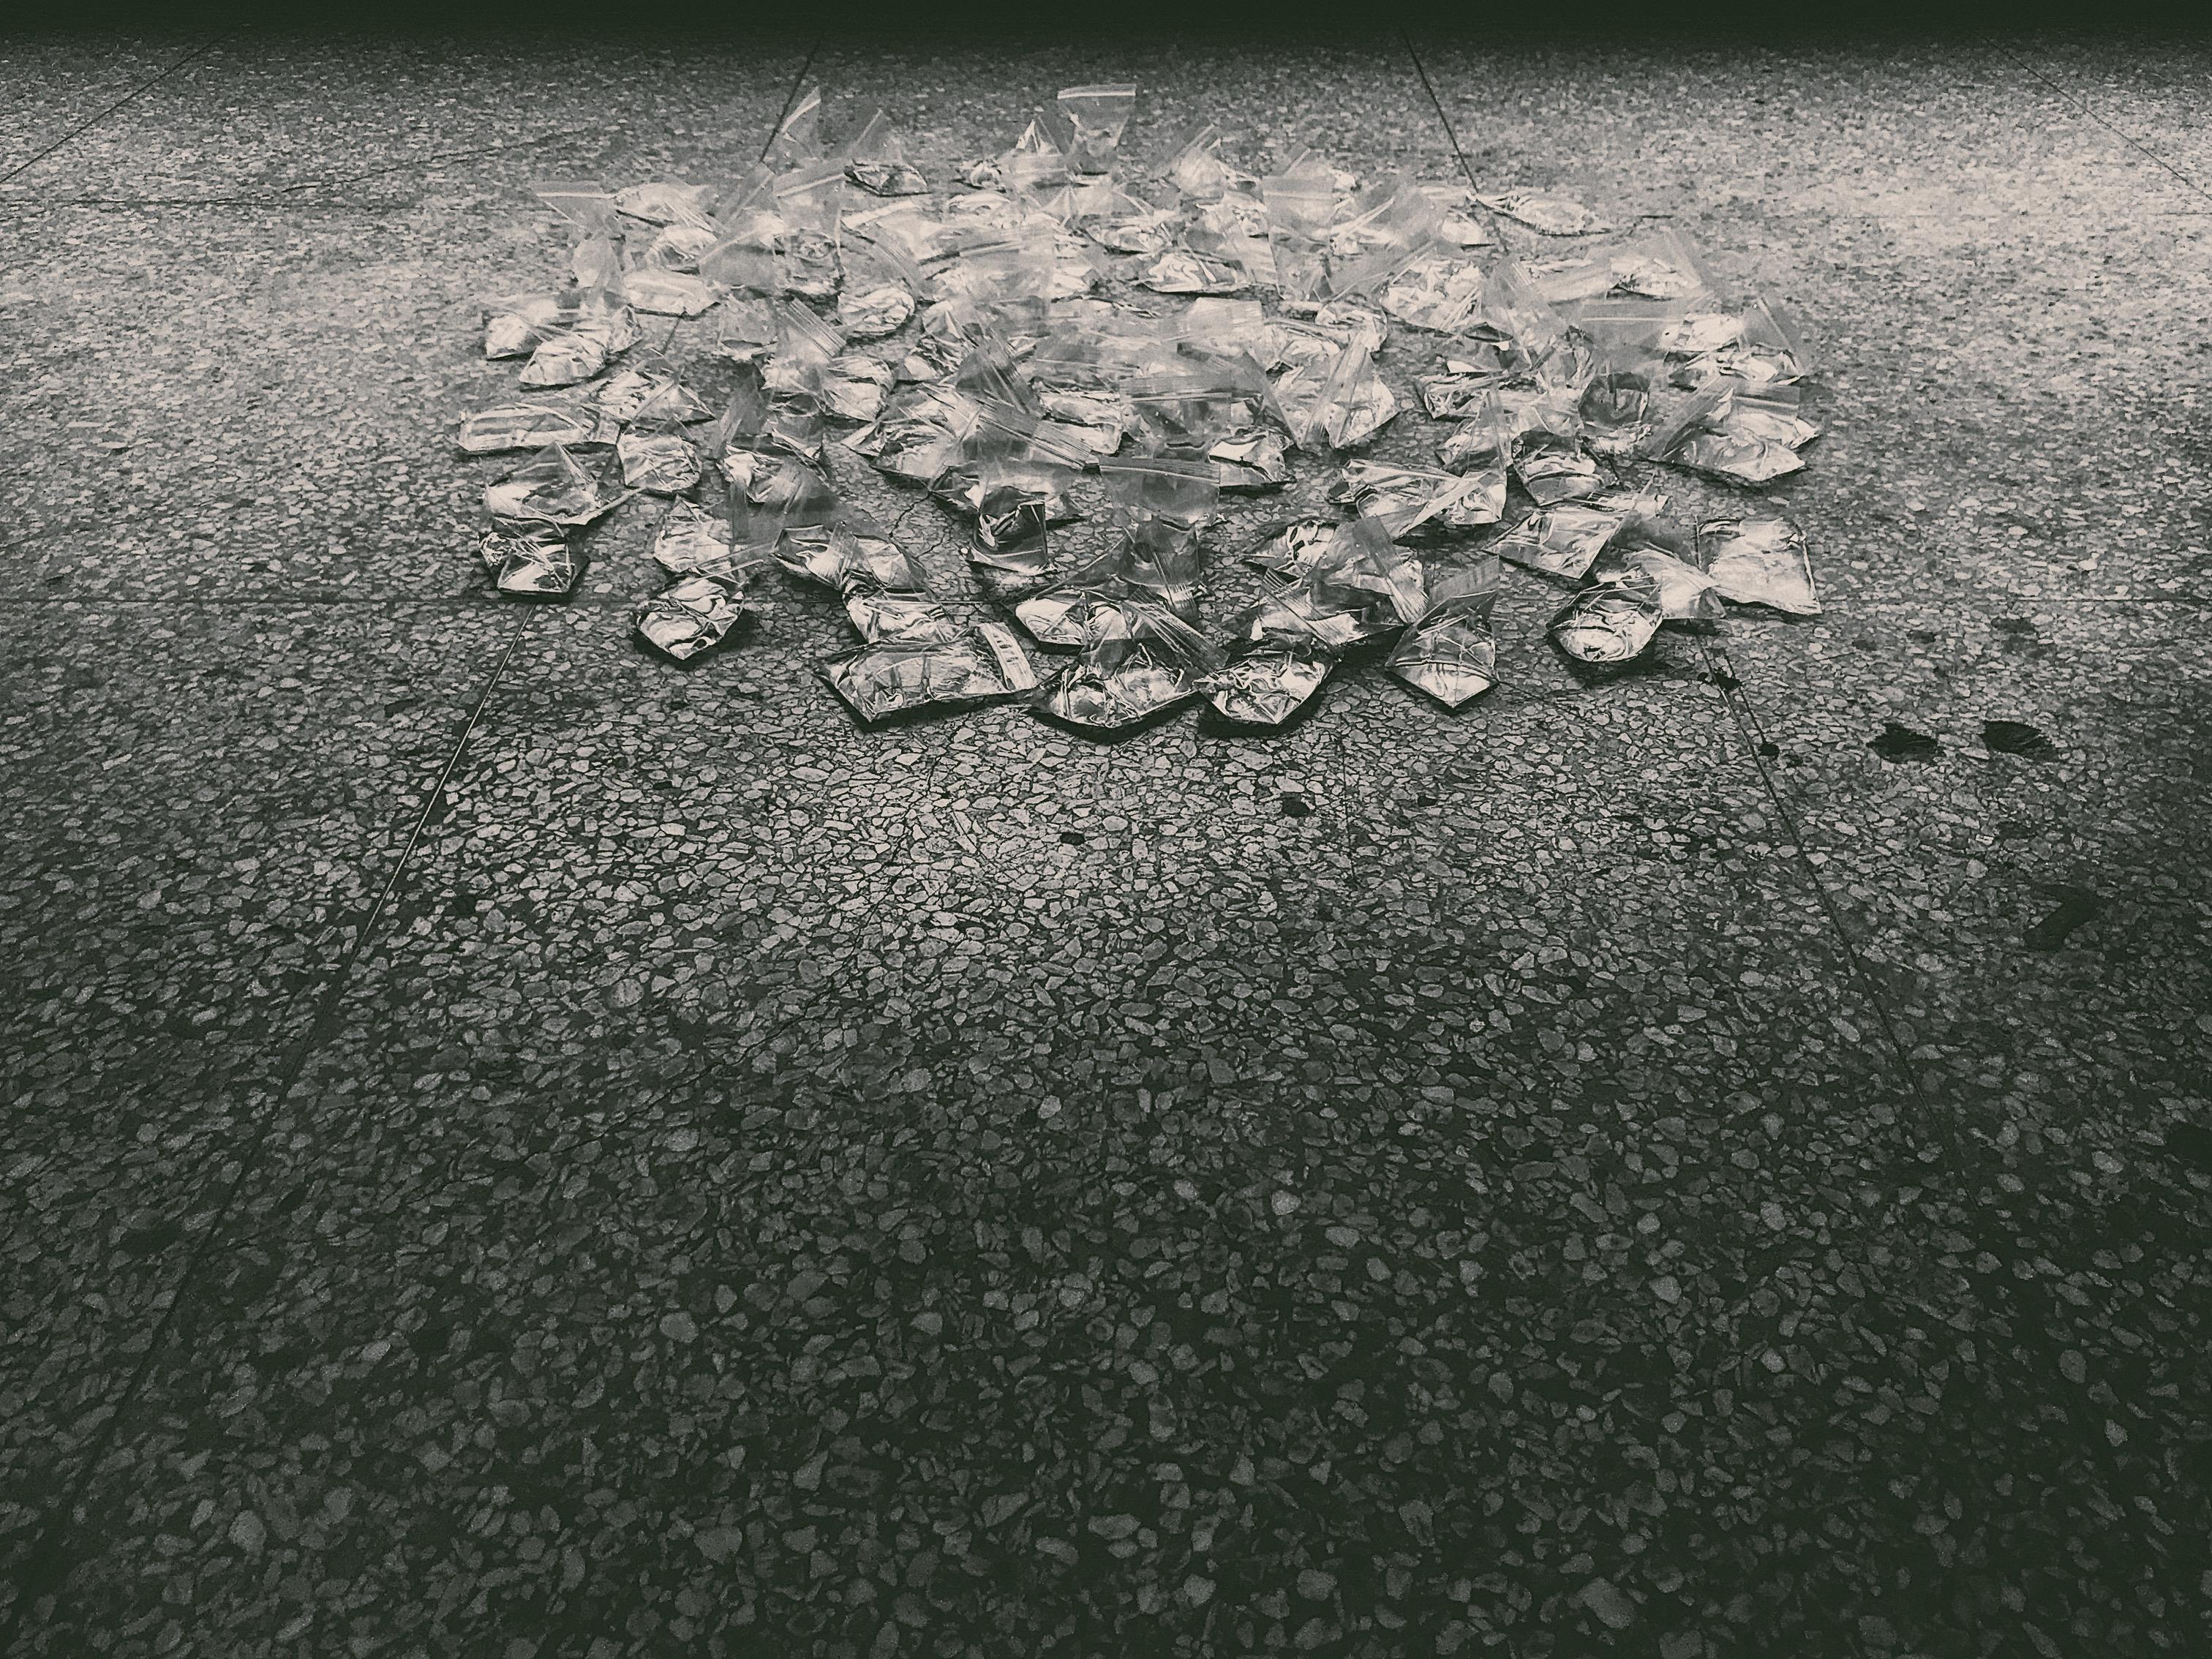 物之物—nude|重光美沙創作概念展1109-1126